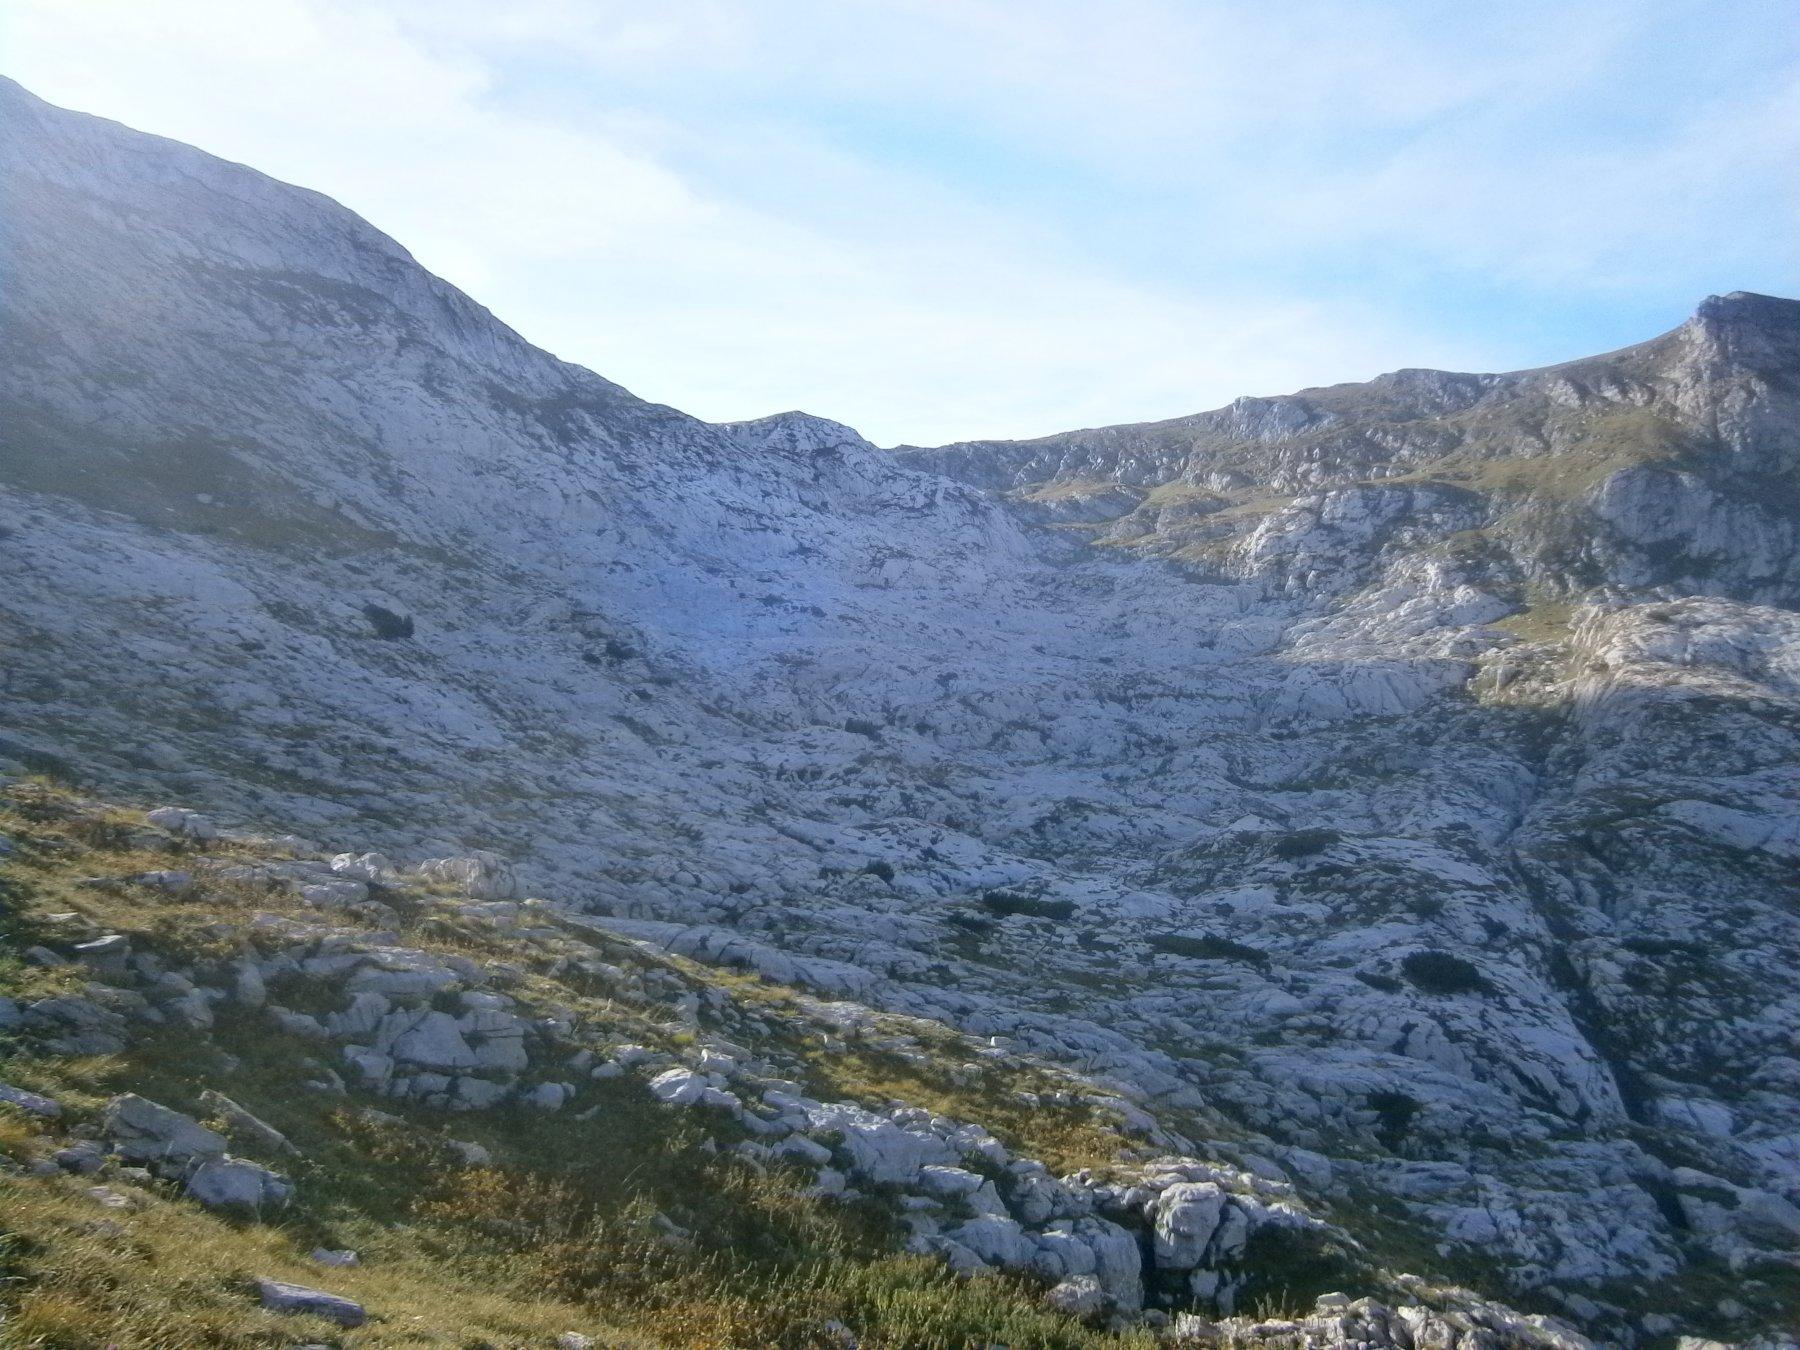 Le rocce bianche delle Carsene